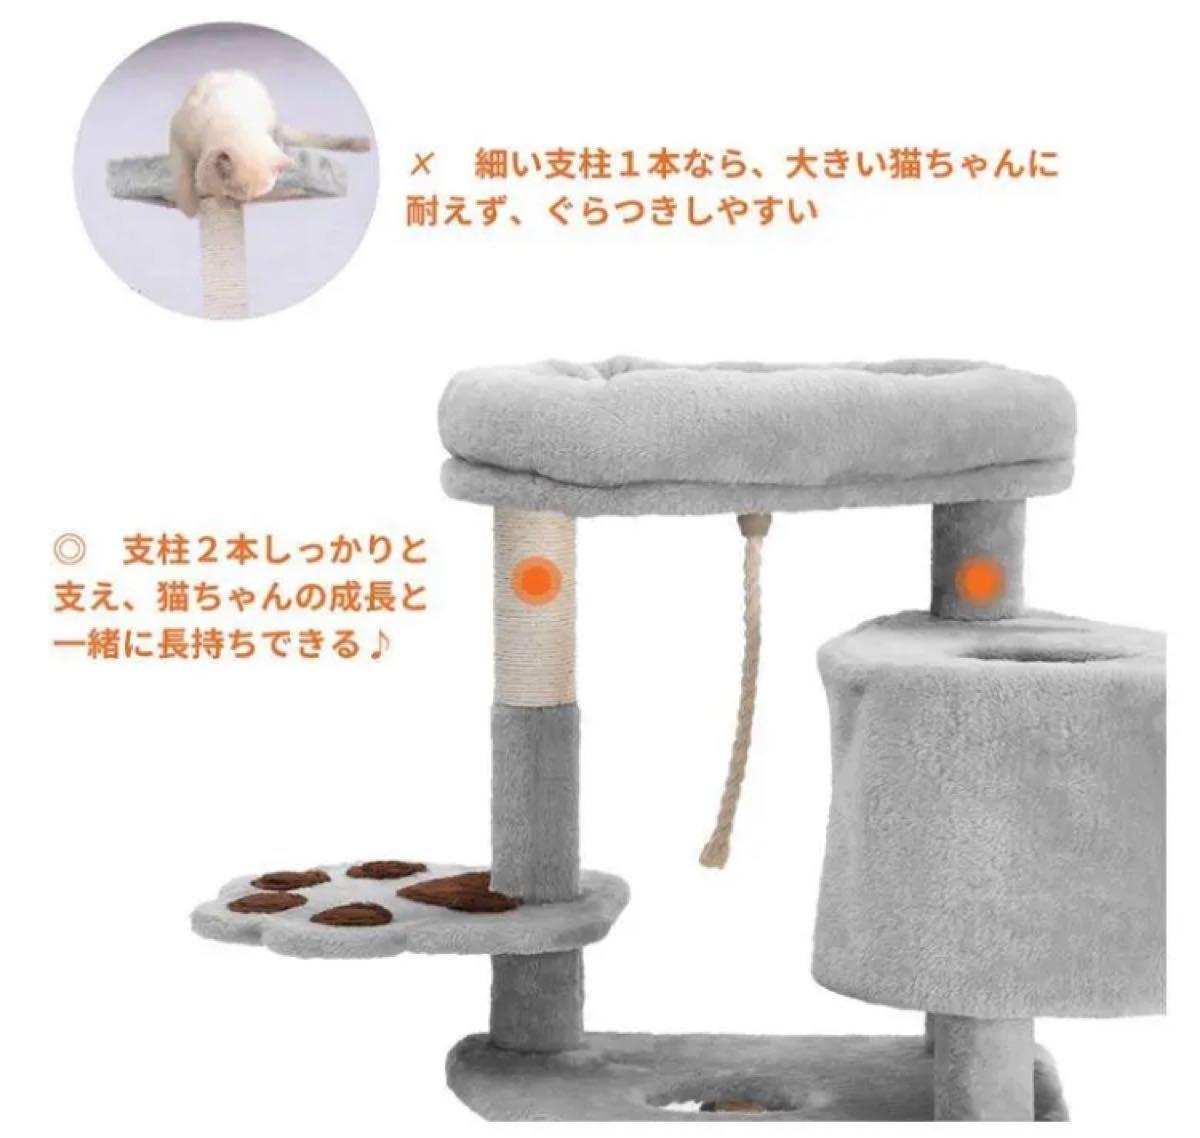 キャットタワー スロープ付き 登り降りしやすい 爪とぎ 猫タワー 子猫 95cm